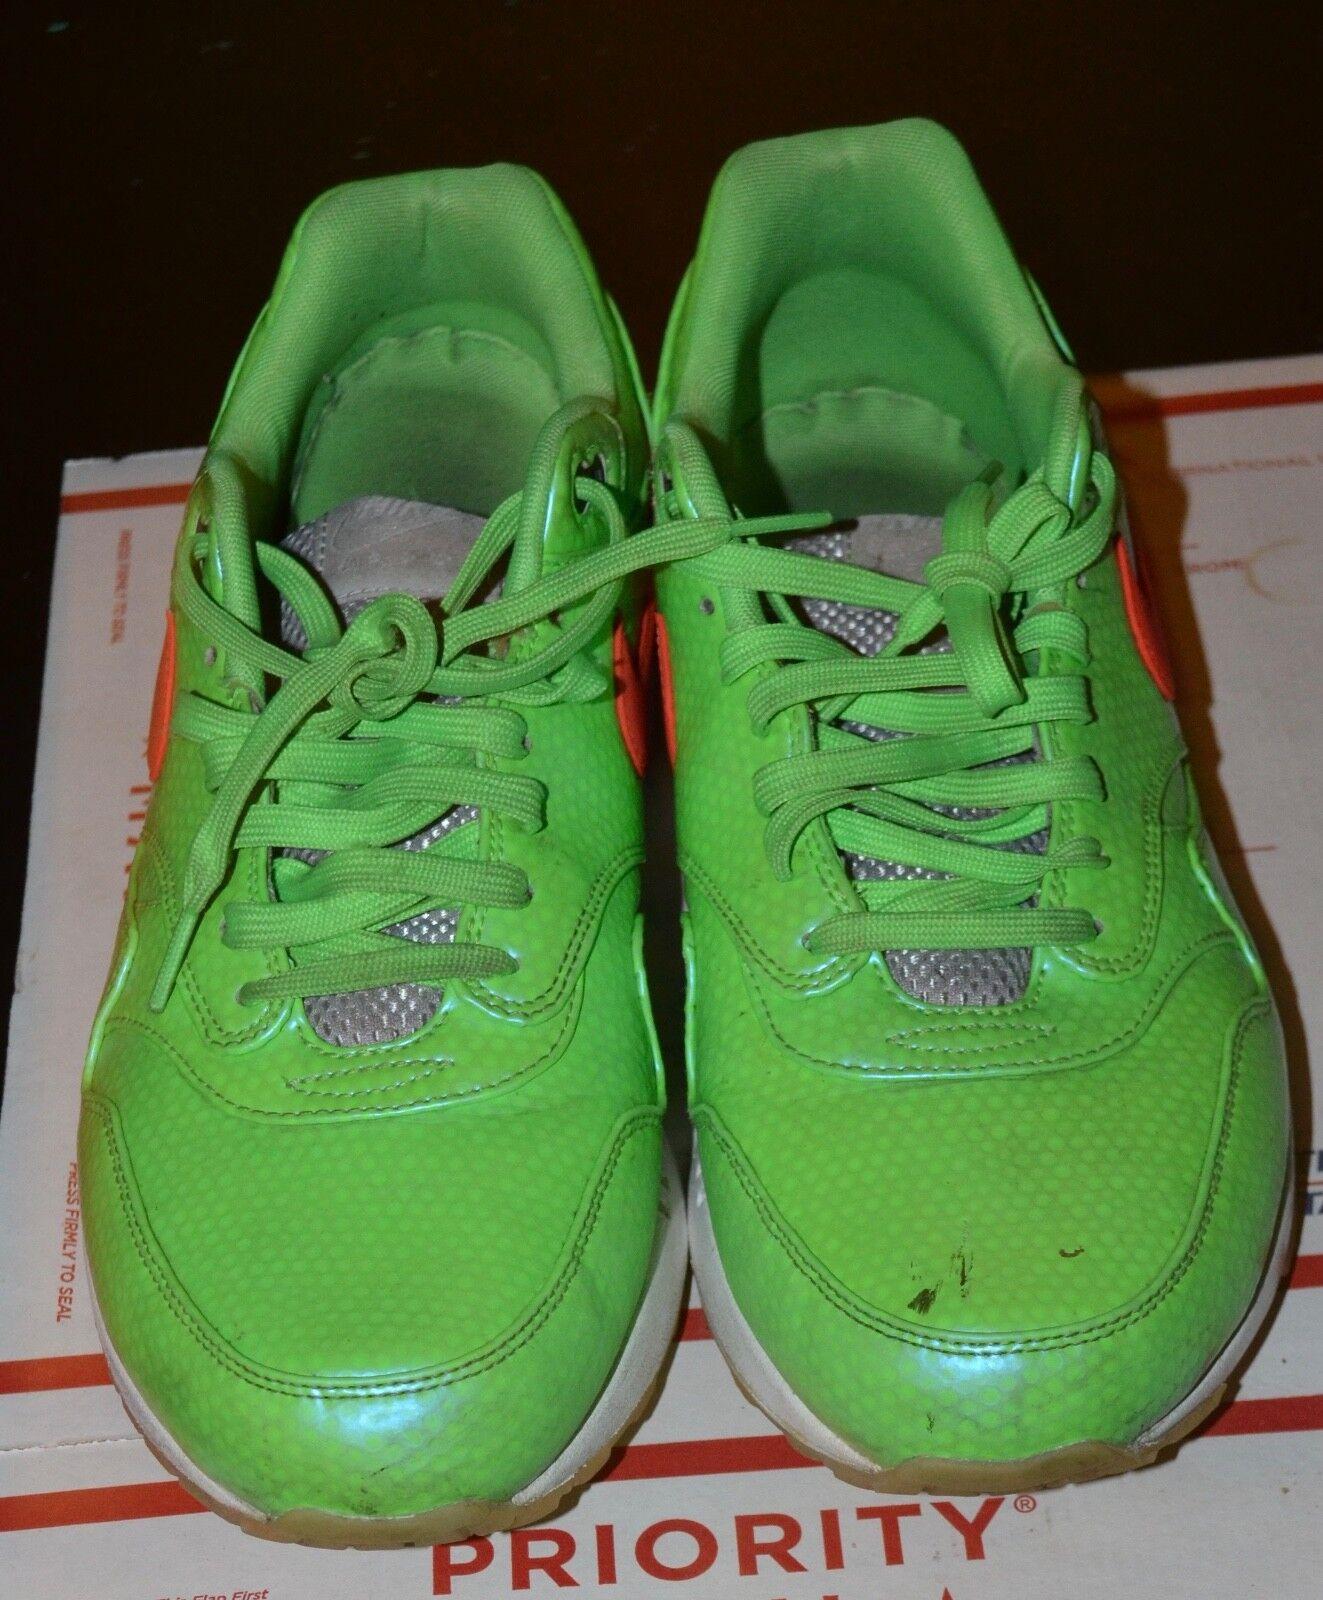 Nike Air Max 1 FB Premium QS Polarized Blue/Total Crimson-Neon Lime 665874 400